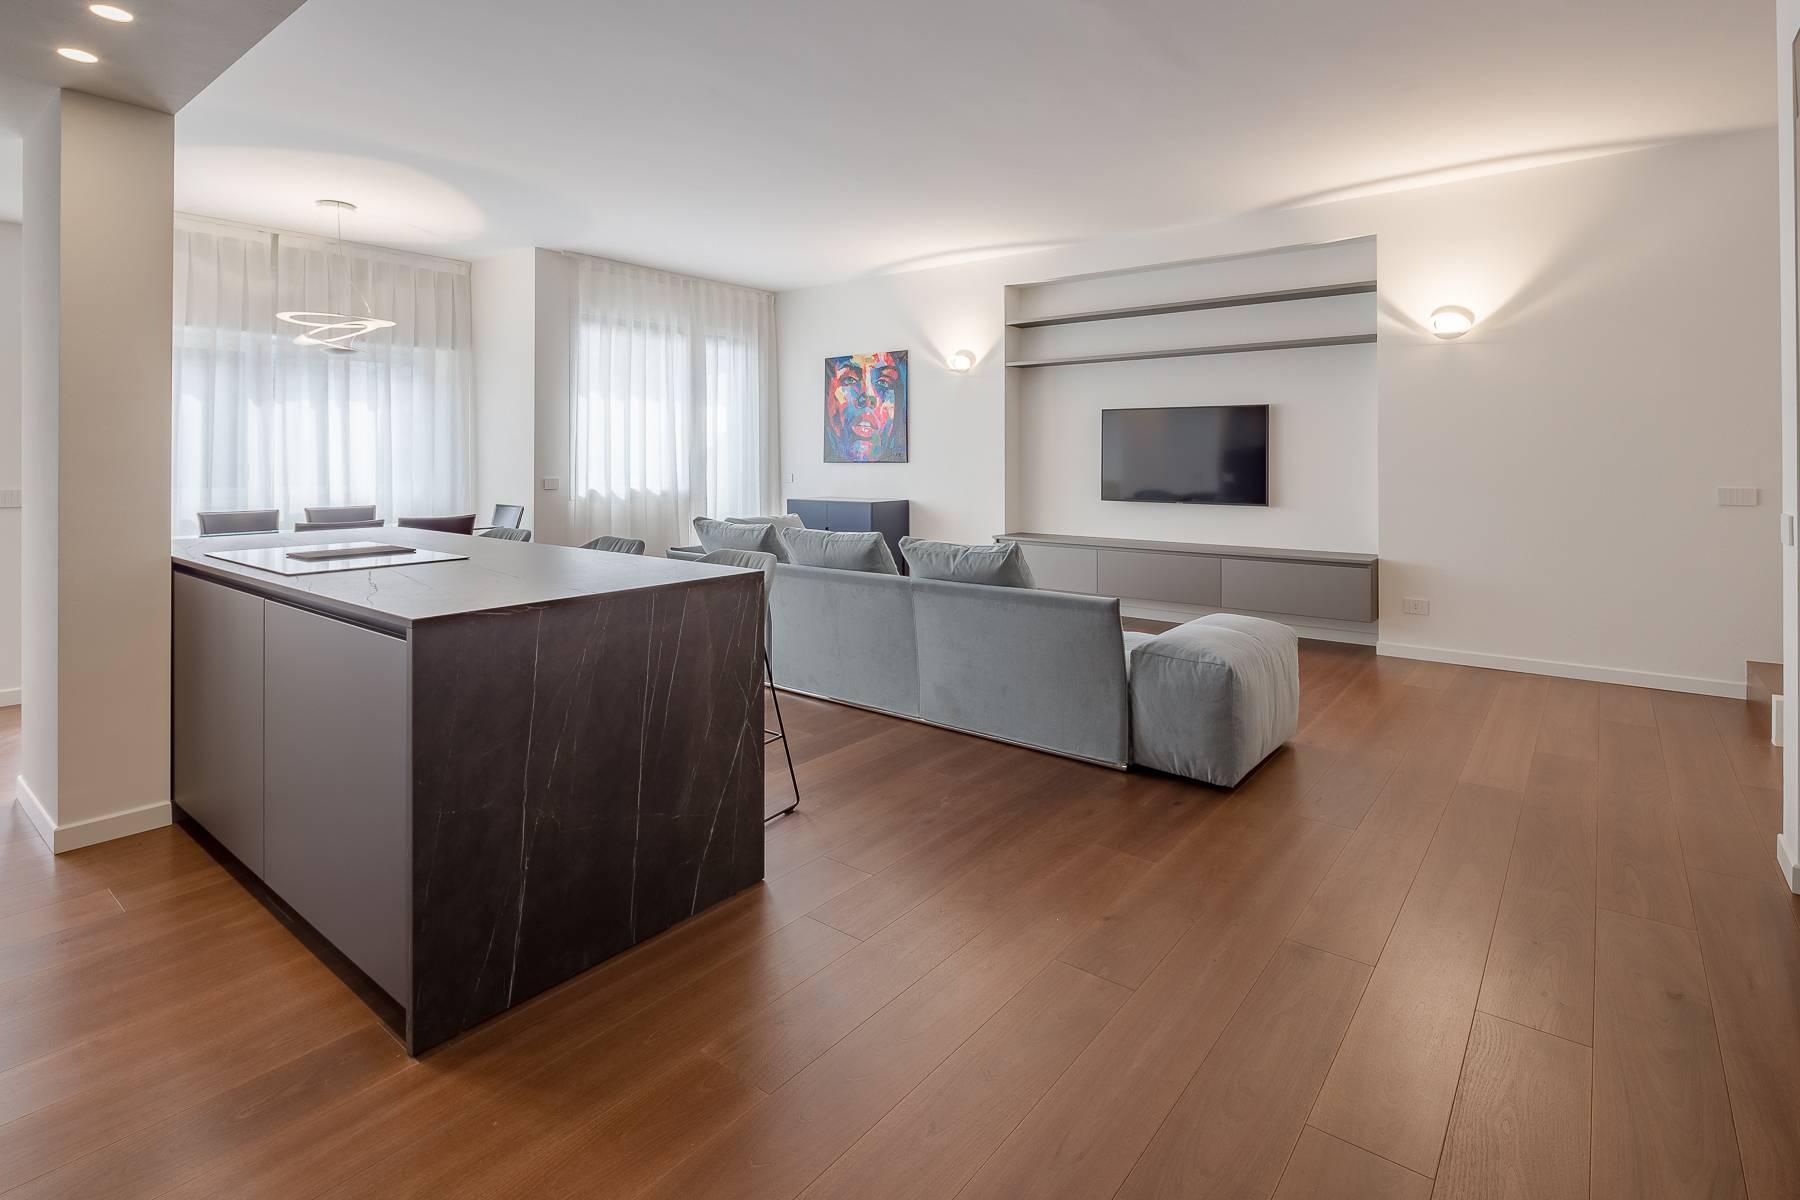 Wunderschöne Drei-Zimmer-Wohnung im Sempione Stadtviertel - 5